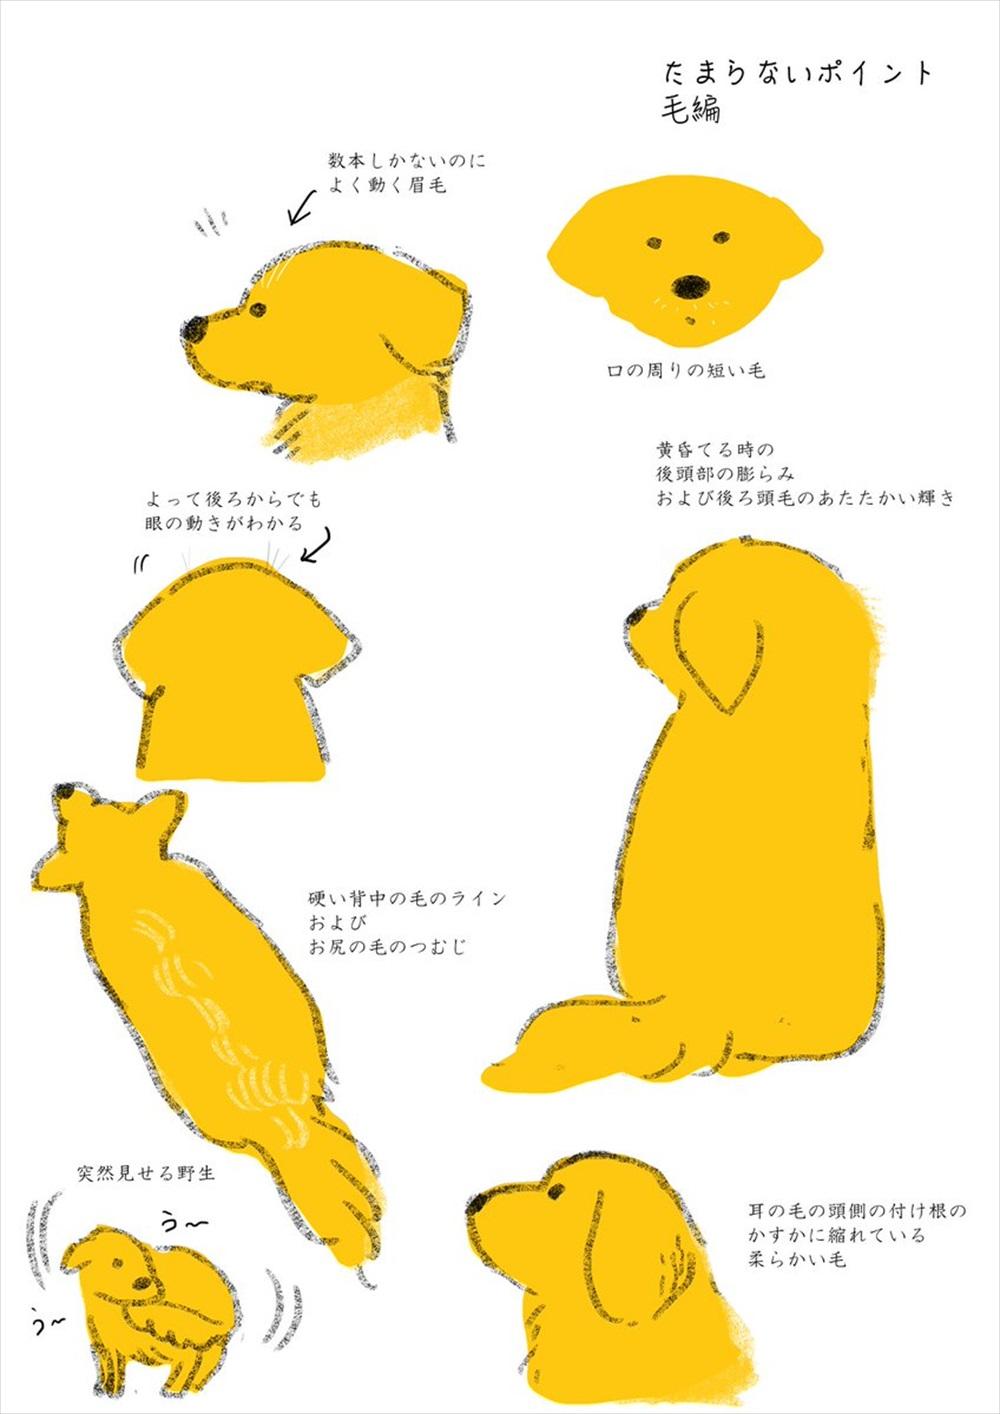 犬のイラスト2